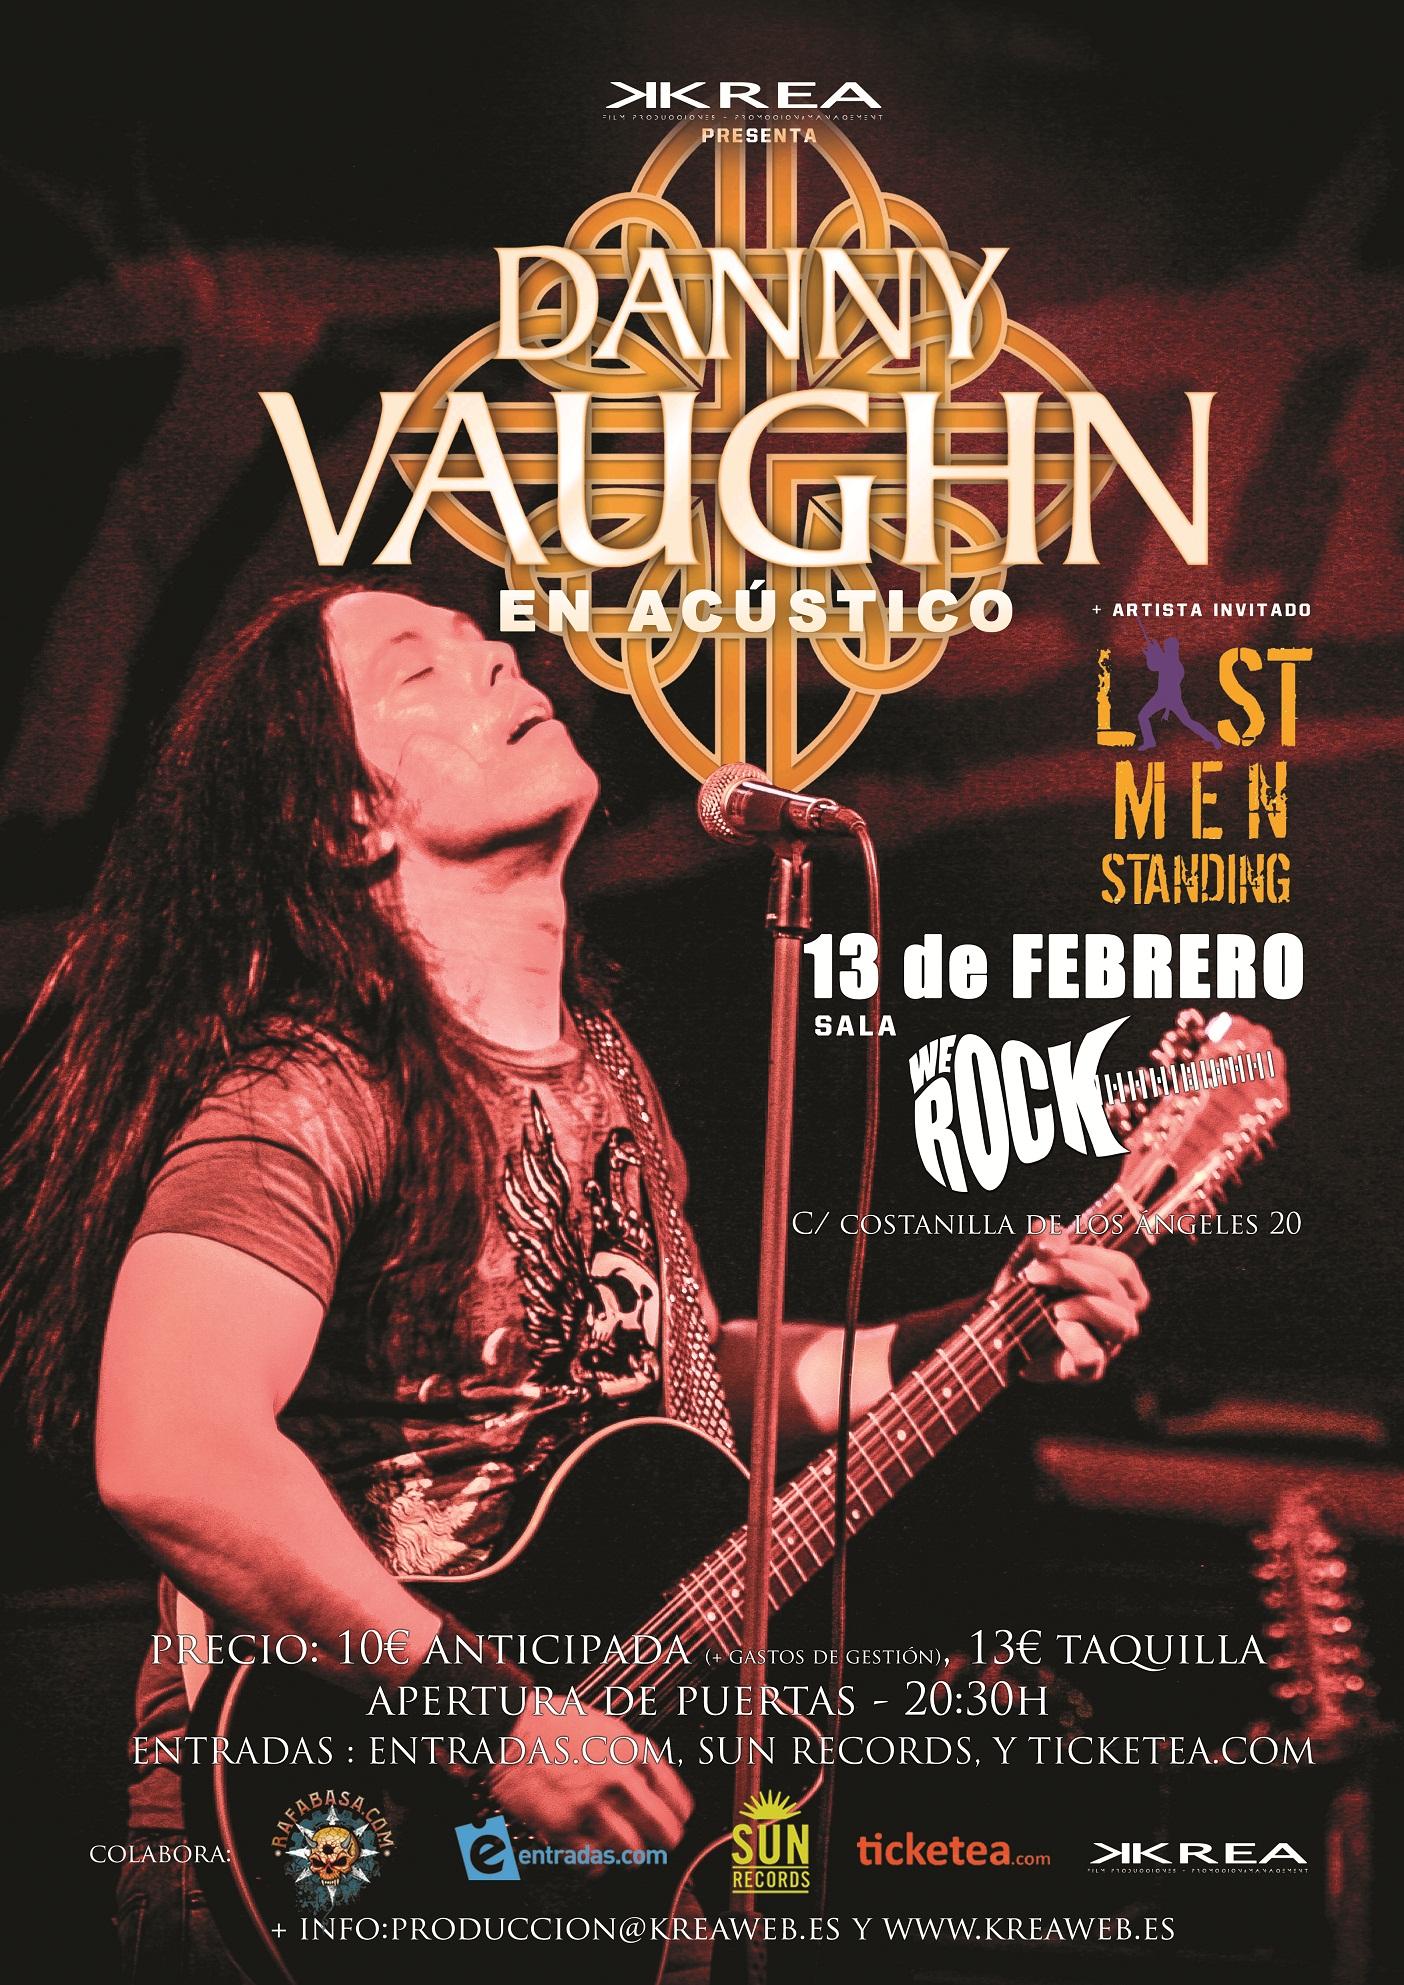 Concierto acústico de Danny Vaughn en Madrid